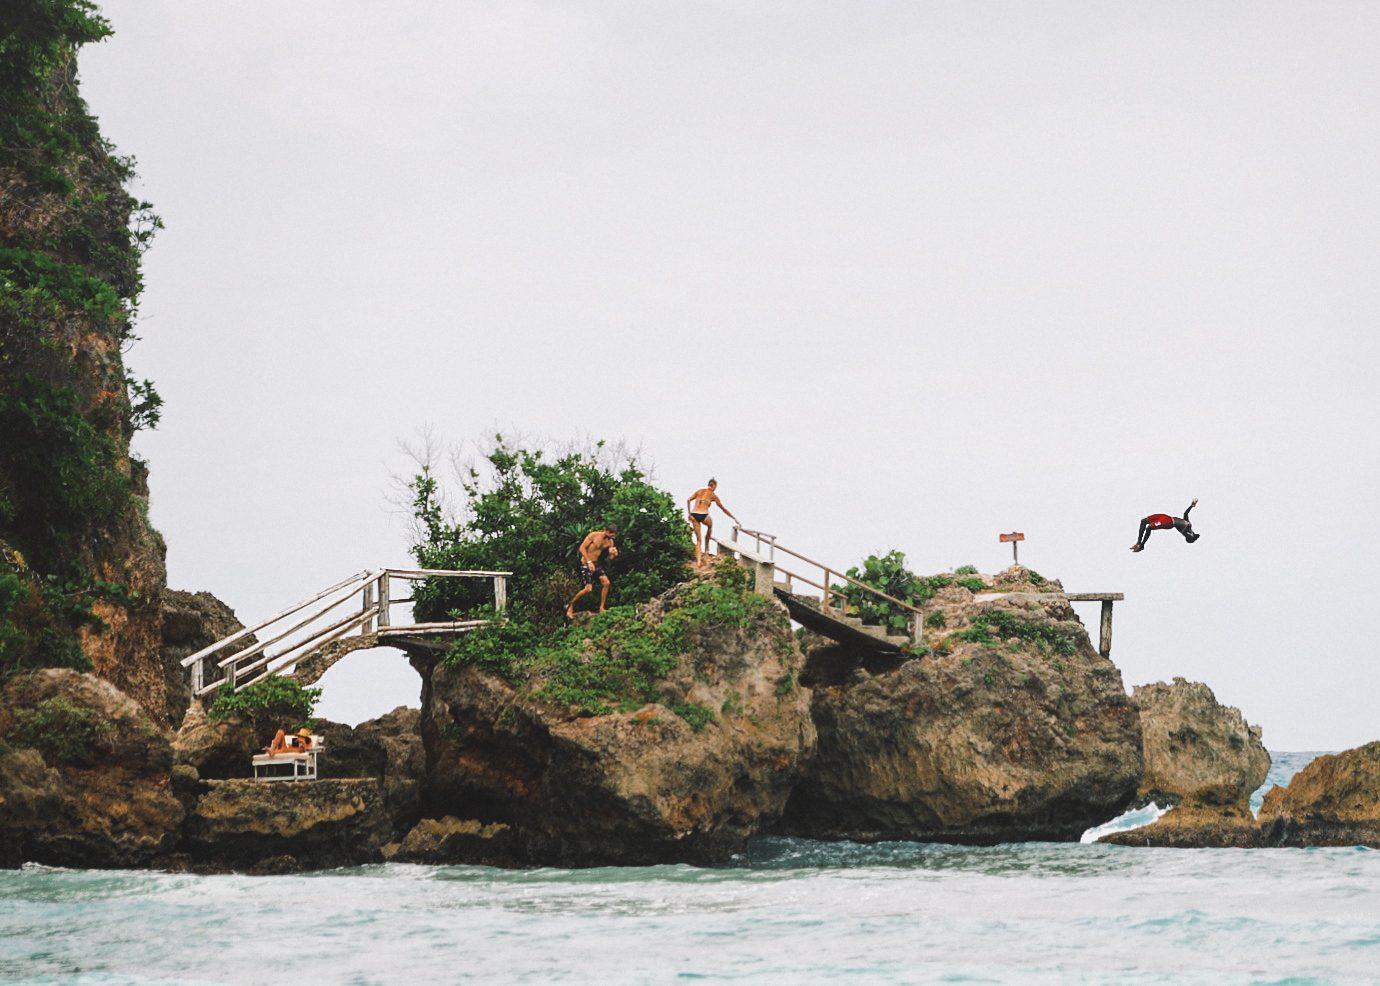 Rock jumping at Boston Beach.